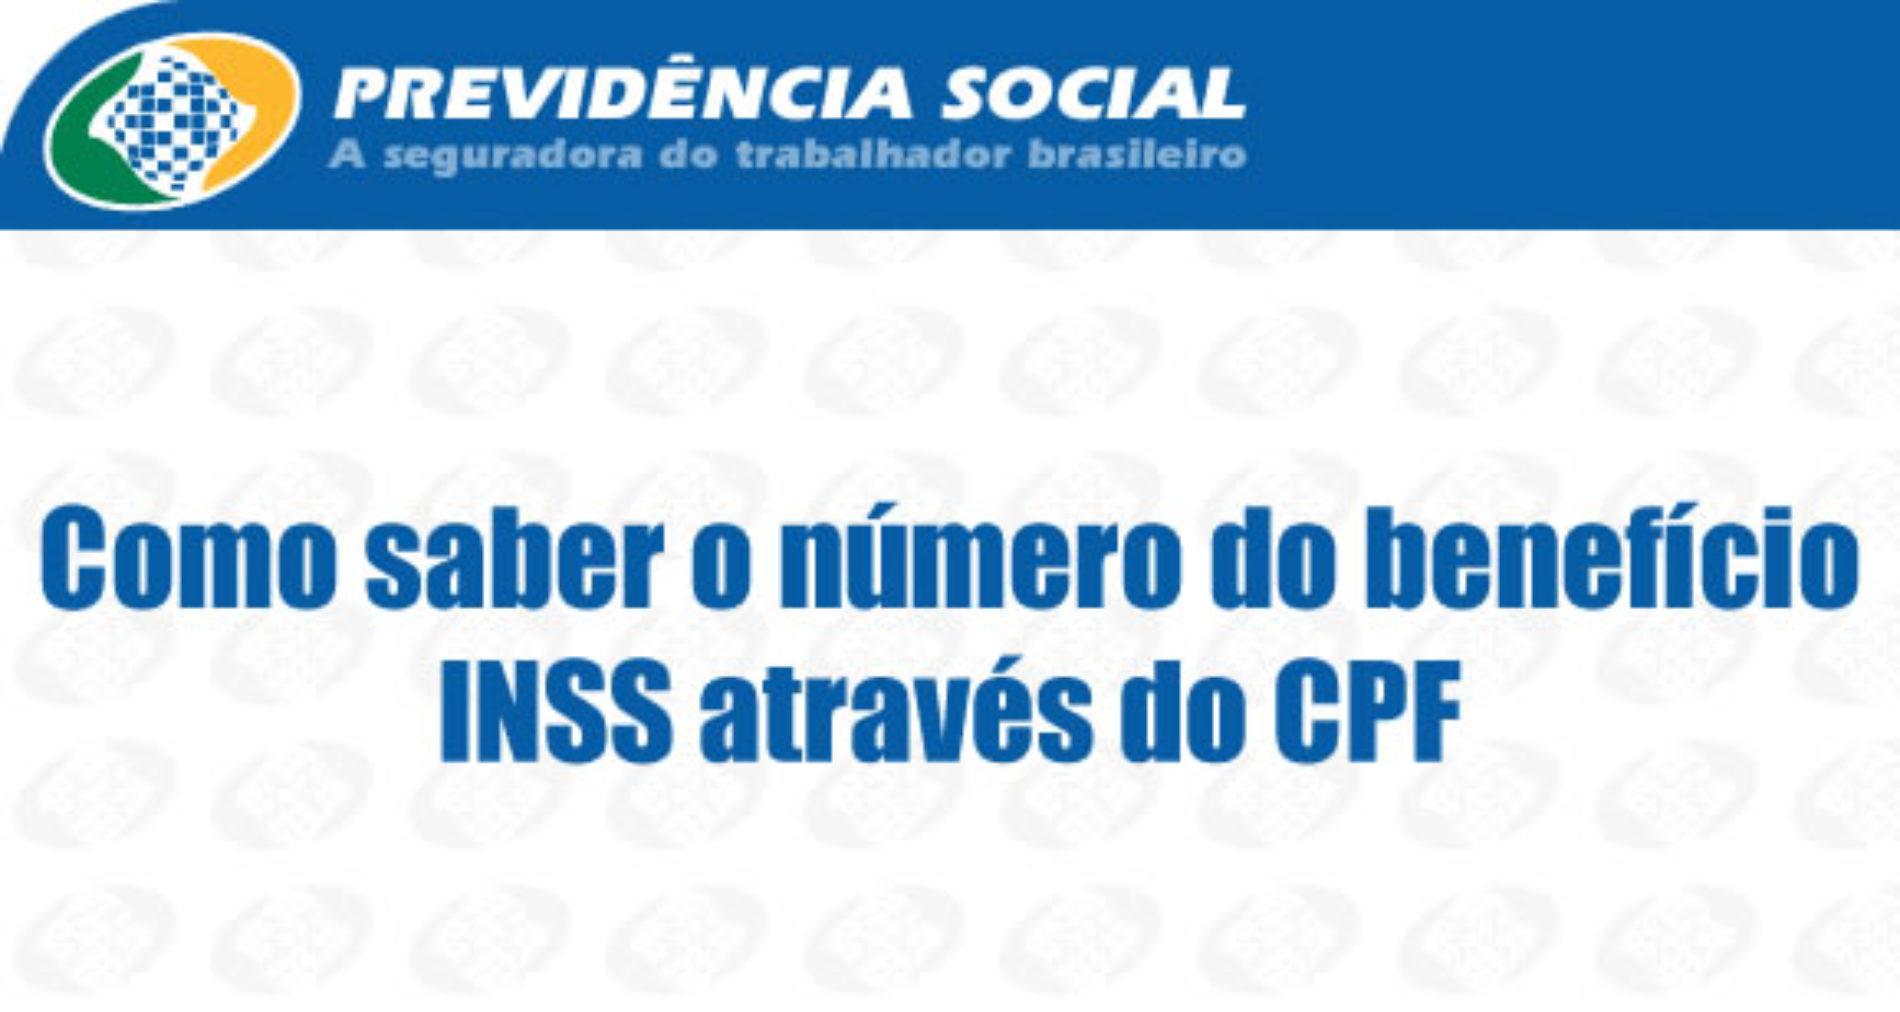 Como saber o número do benefício INSS através do CPF